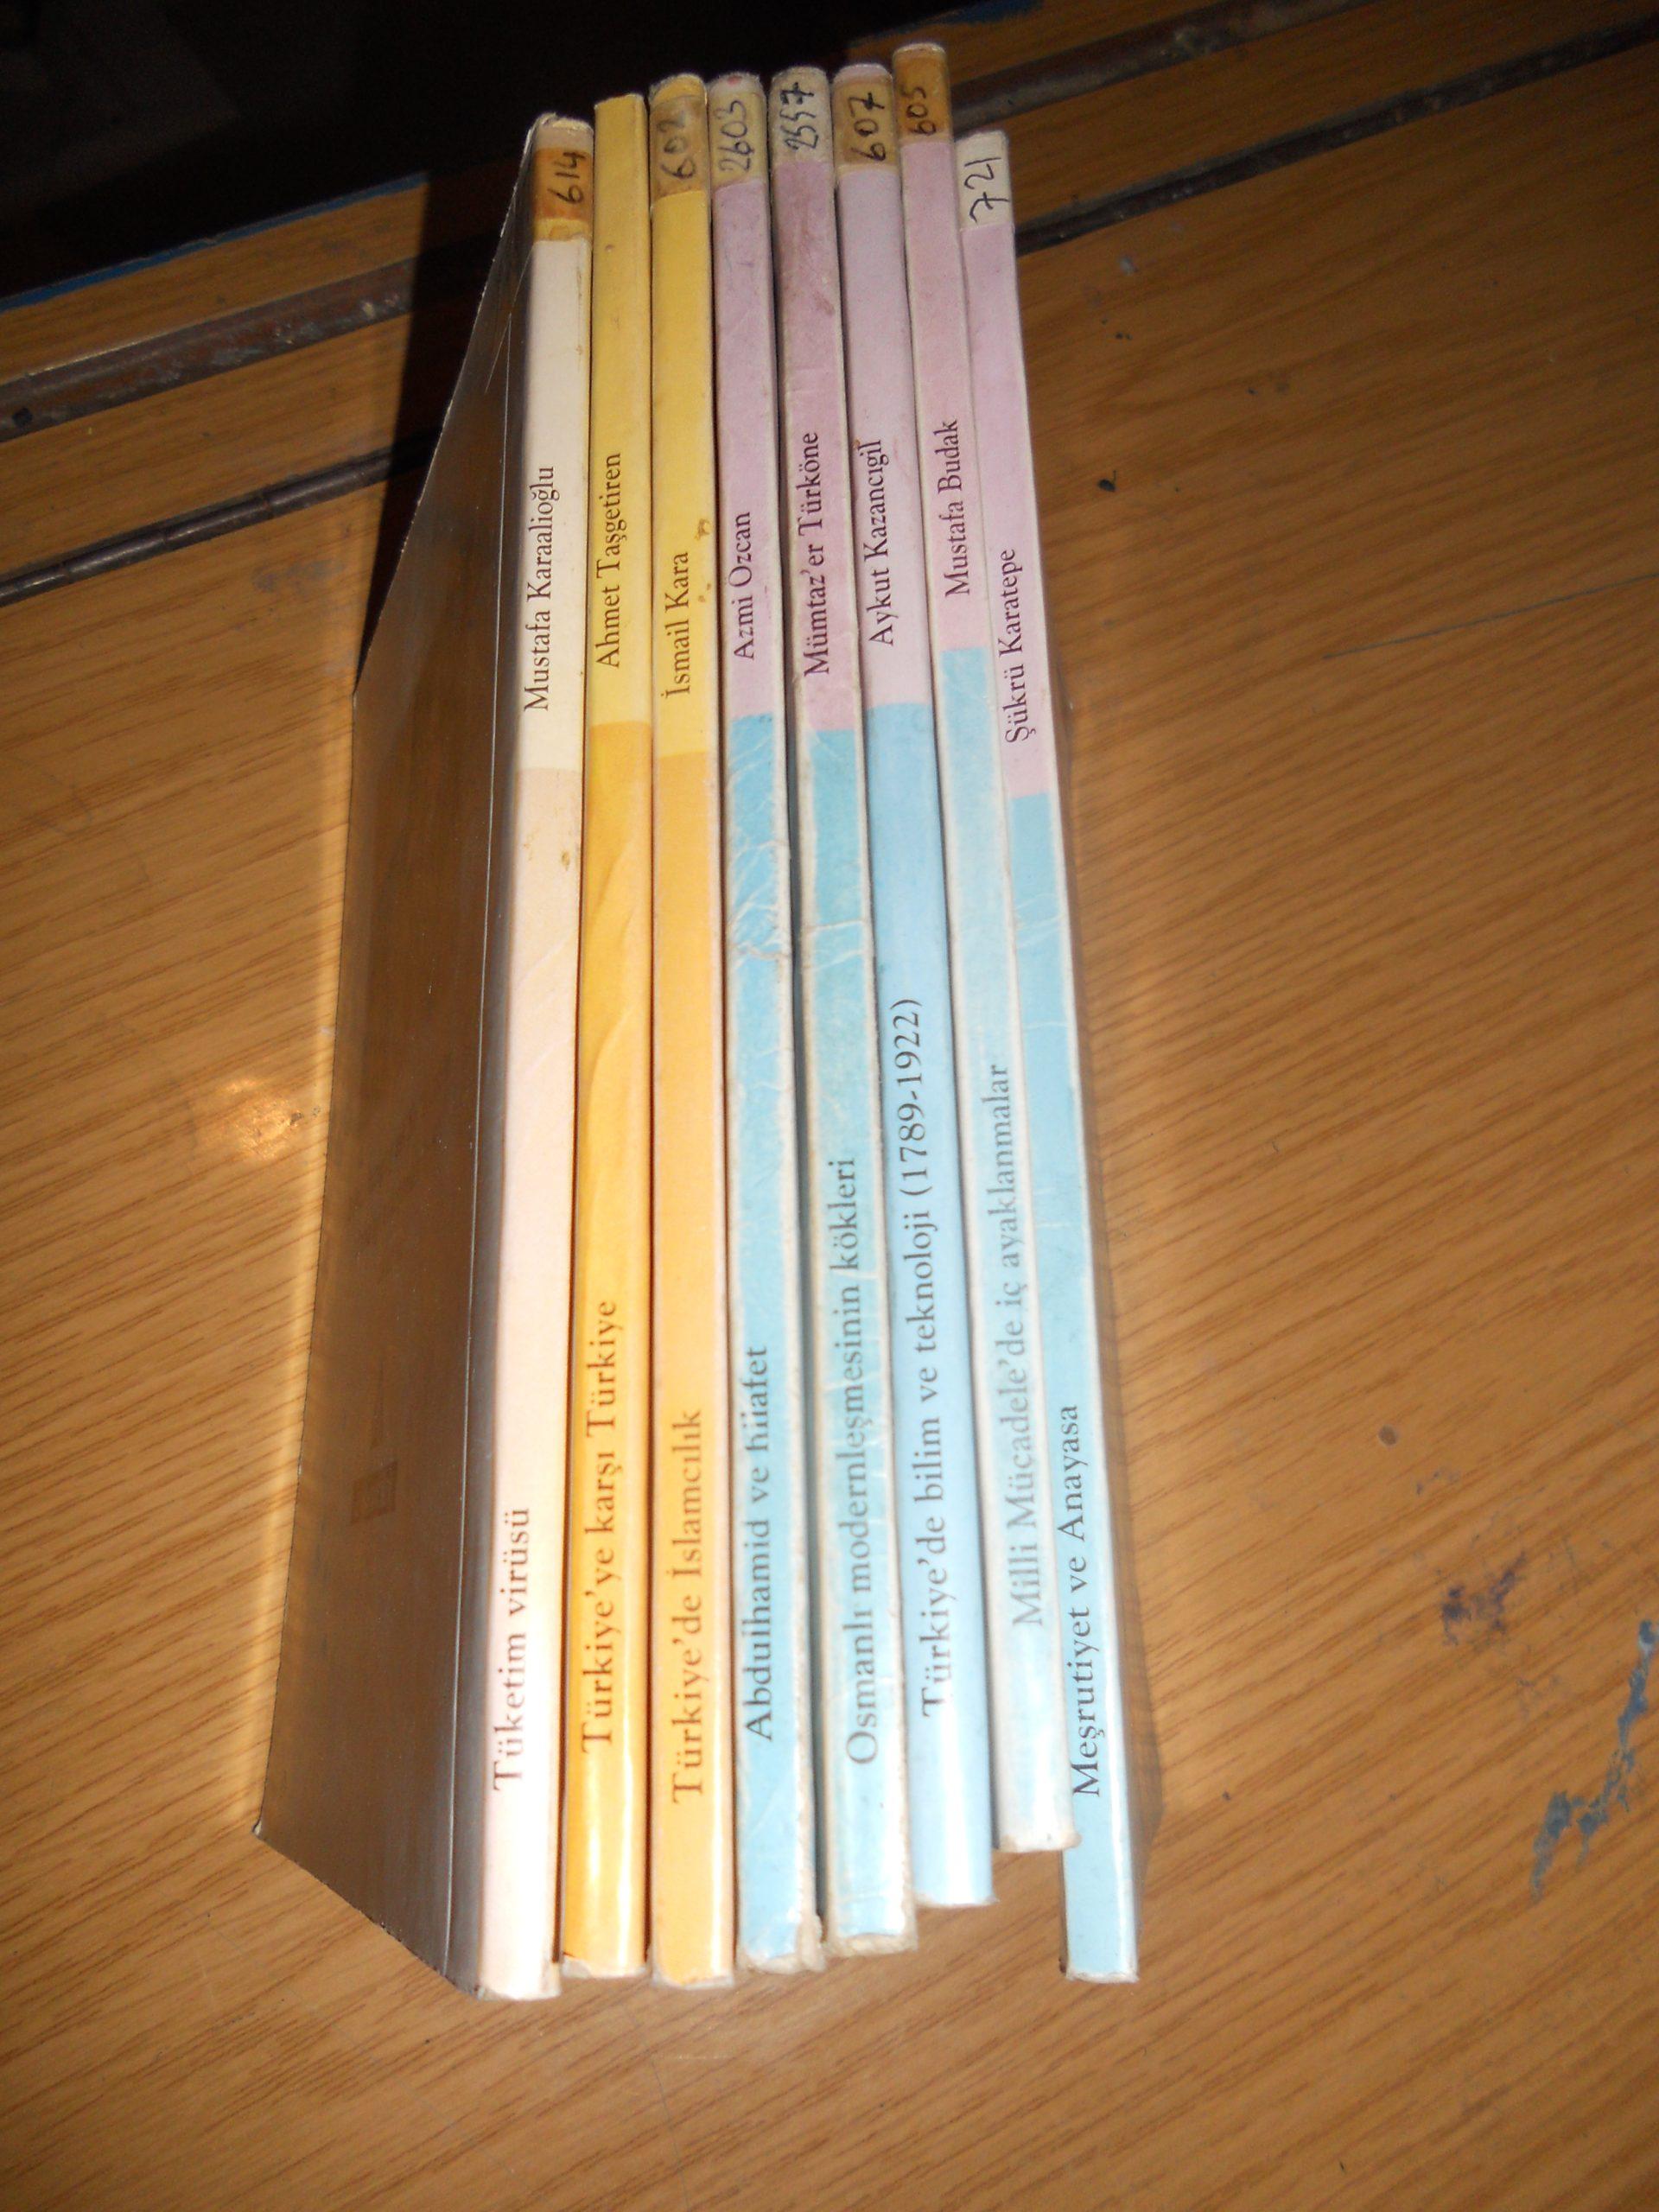 Yakın tarihve kültür dizisi(Yeni Şafak yay) 8 kitap/ toplam 25 tl